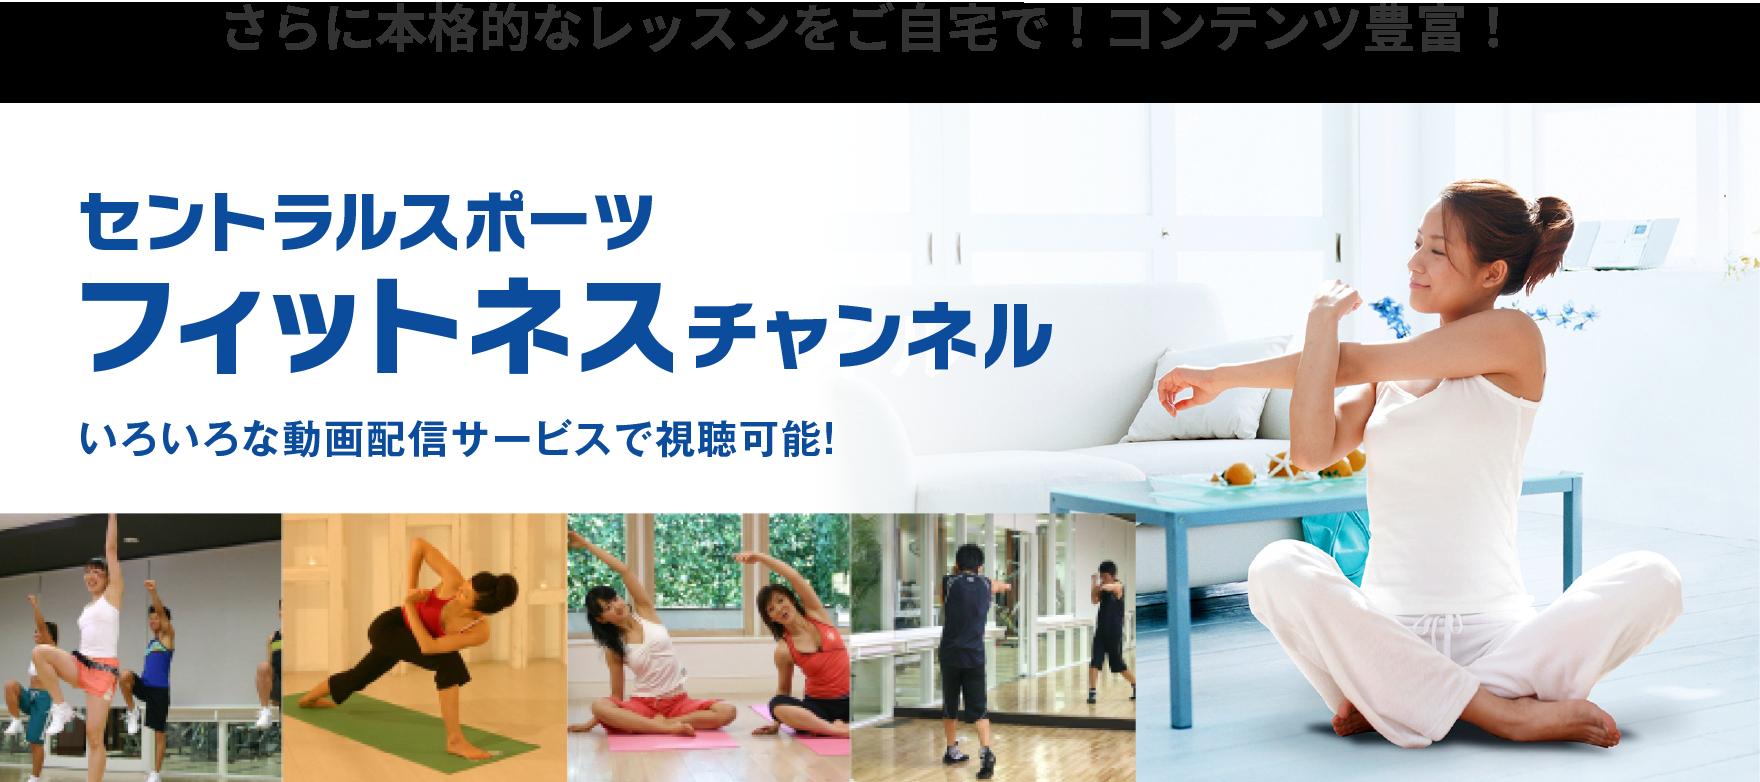 【自宅で簡単エクササイズ】セントラルスポーツ